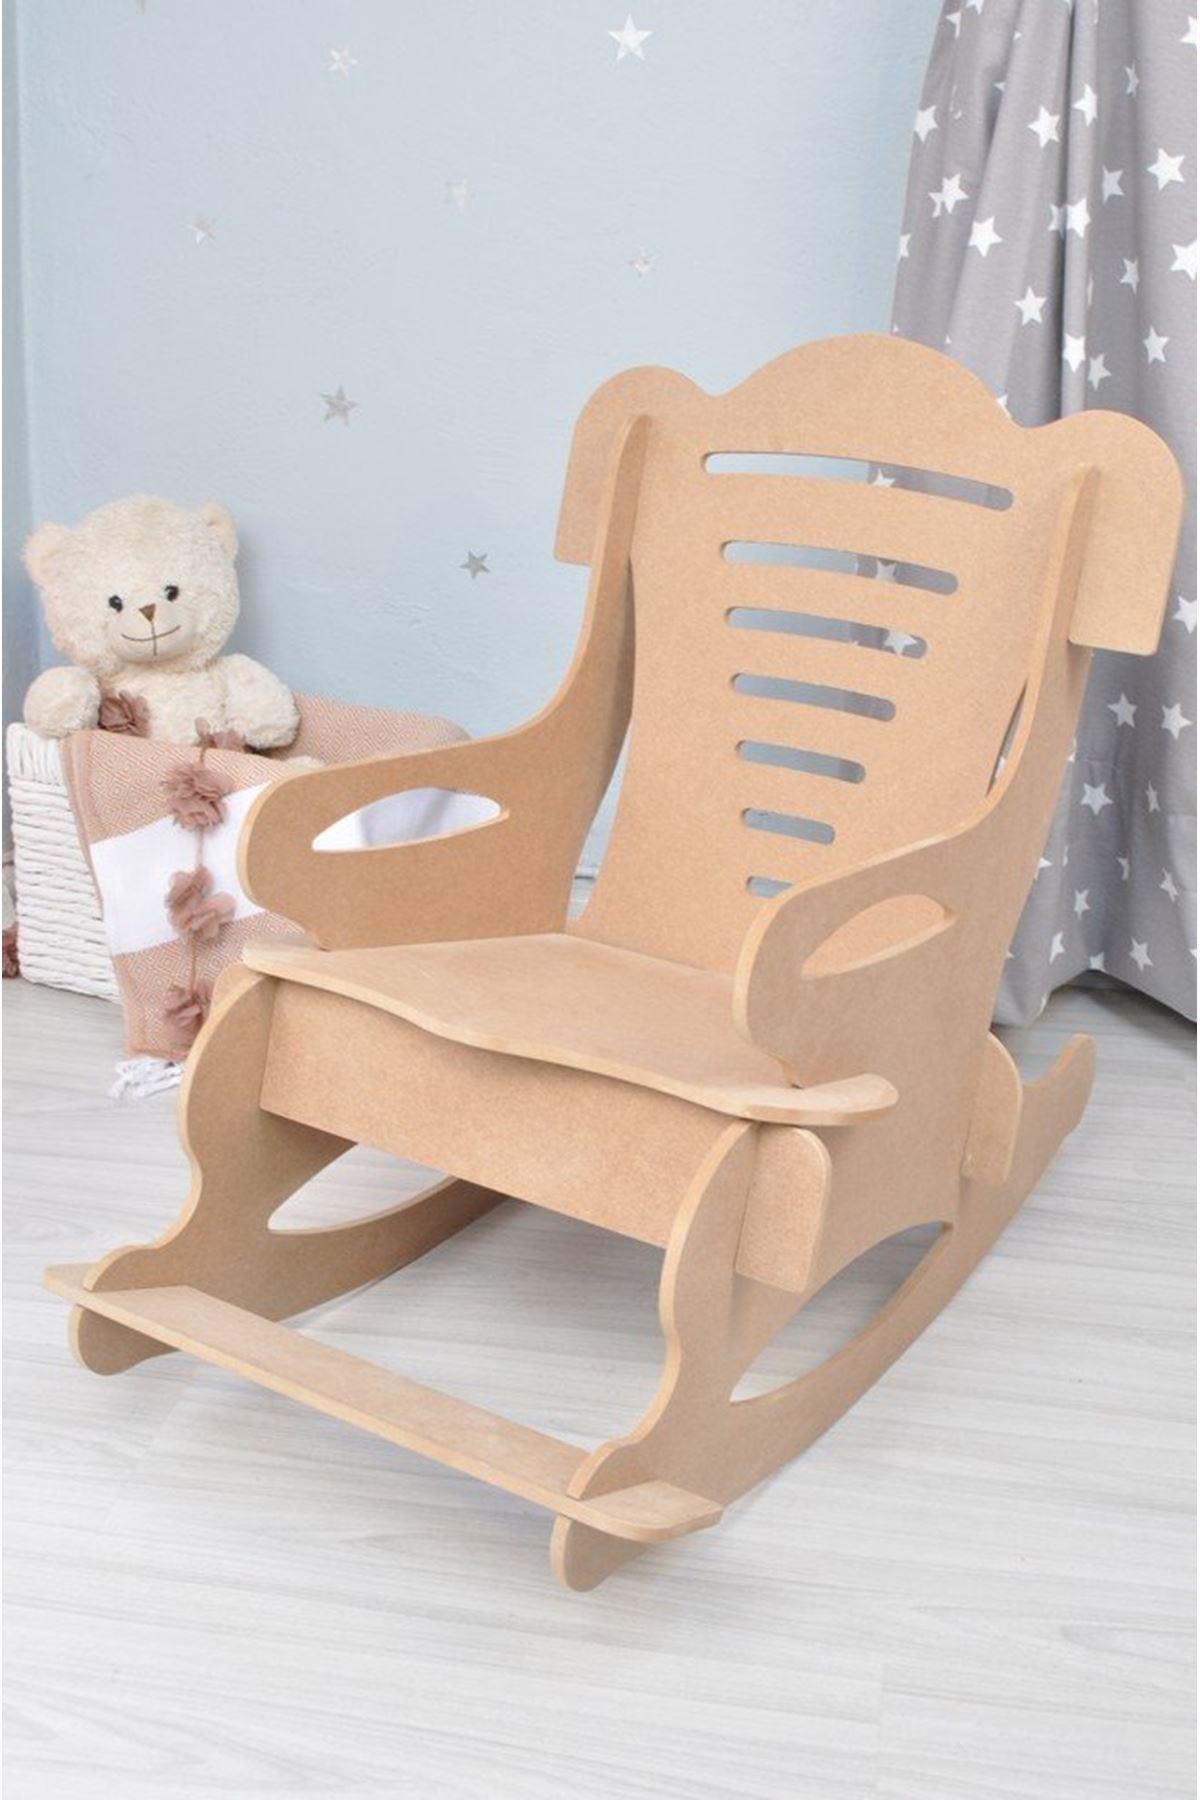 """Bebek, Çocuk Sandalyesi """"Gri Minder"""" 25 kg Taşıma Kapasiteli"""